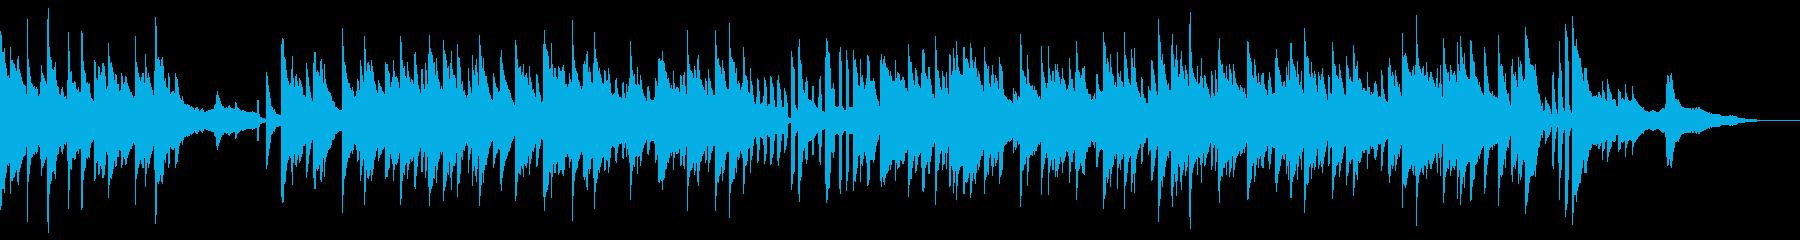 鬼滅「炎」風バラード・壮大 ピアノverの再生済みの波形